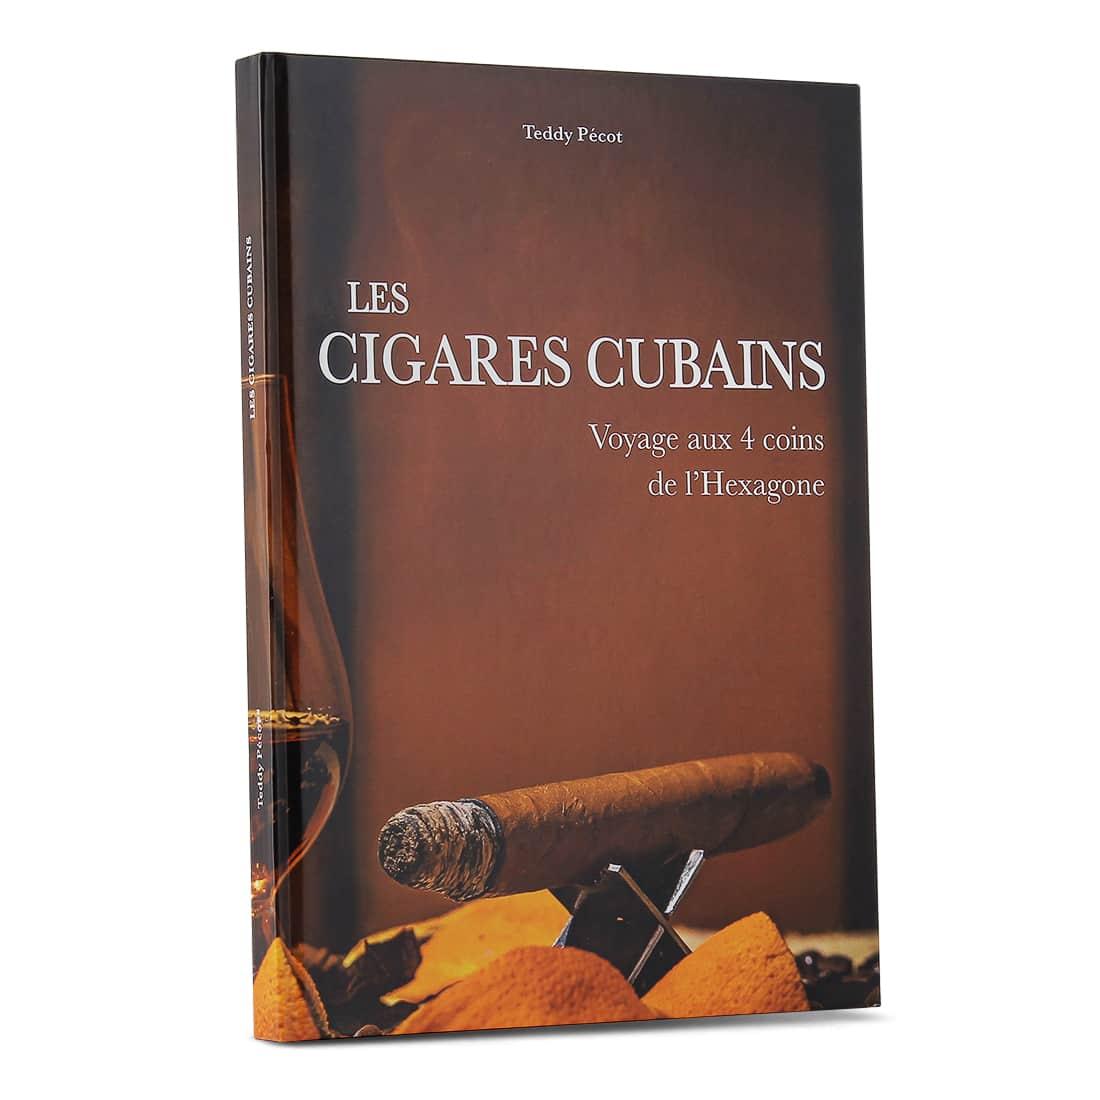 Photo de Livre - Teddy Pecot Les Cigares Cubains Voyage aux 4 coins de l'He